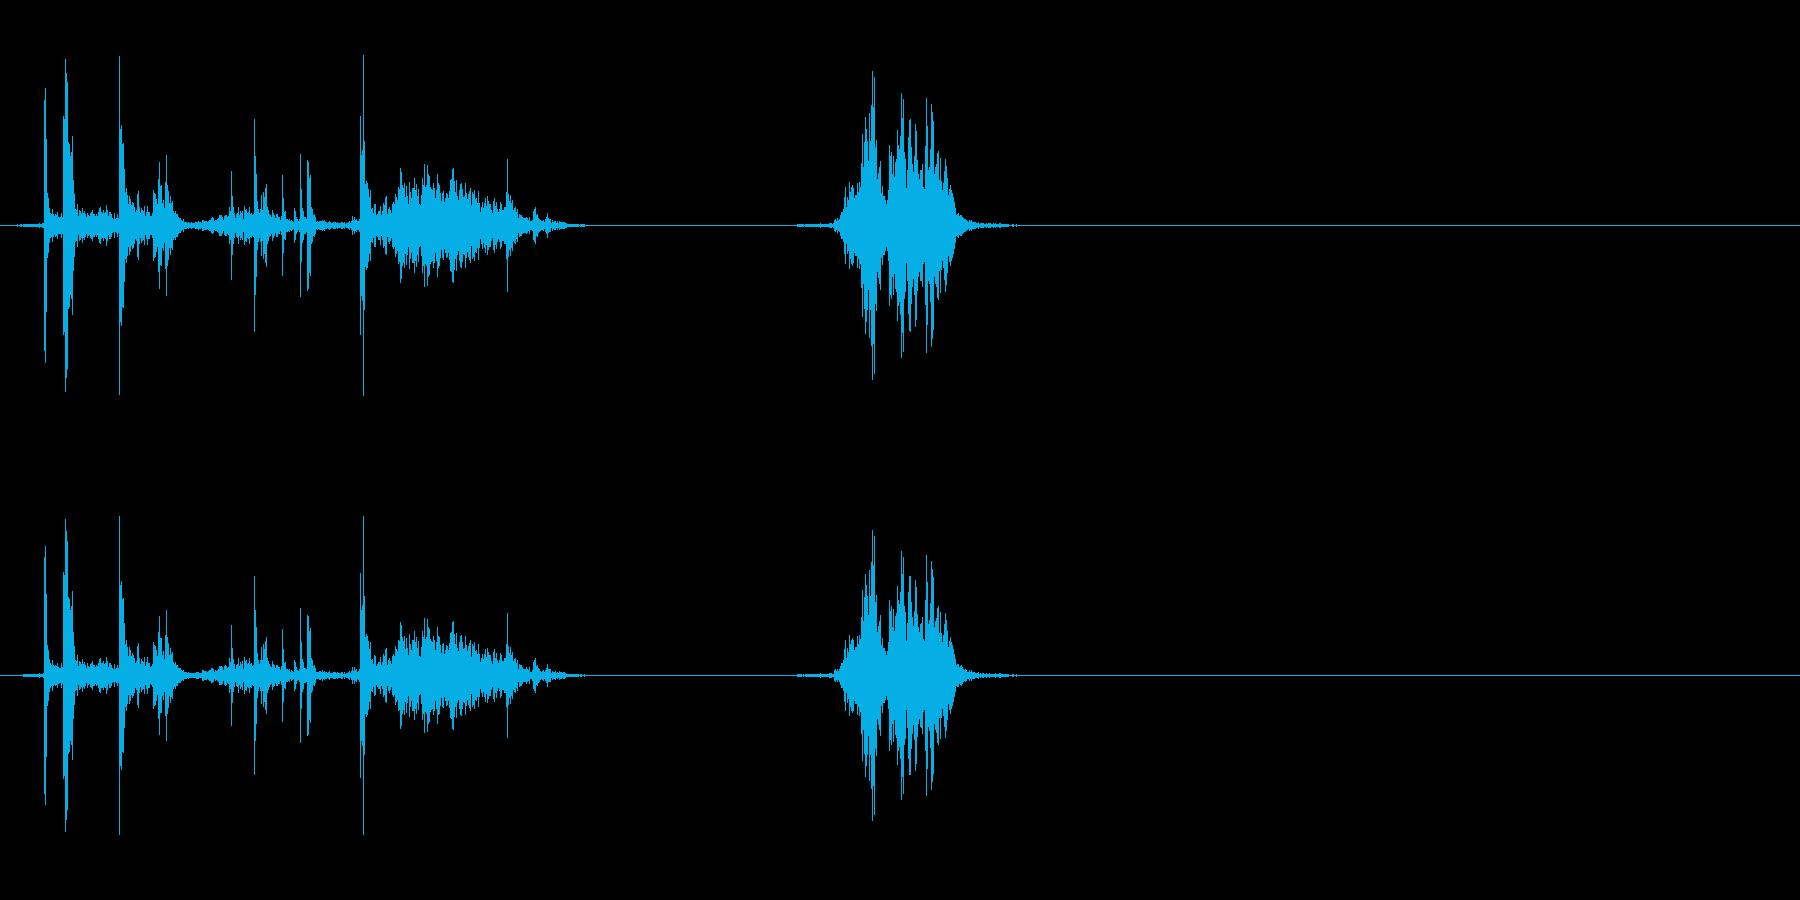 ウイスキーキャップ(閉める音)の再生済みの波形